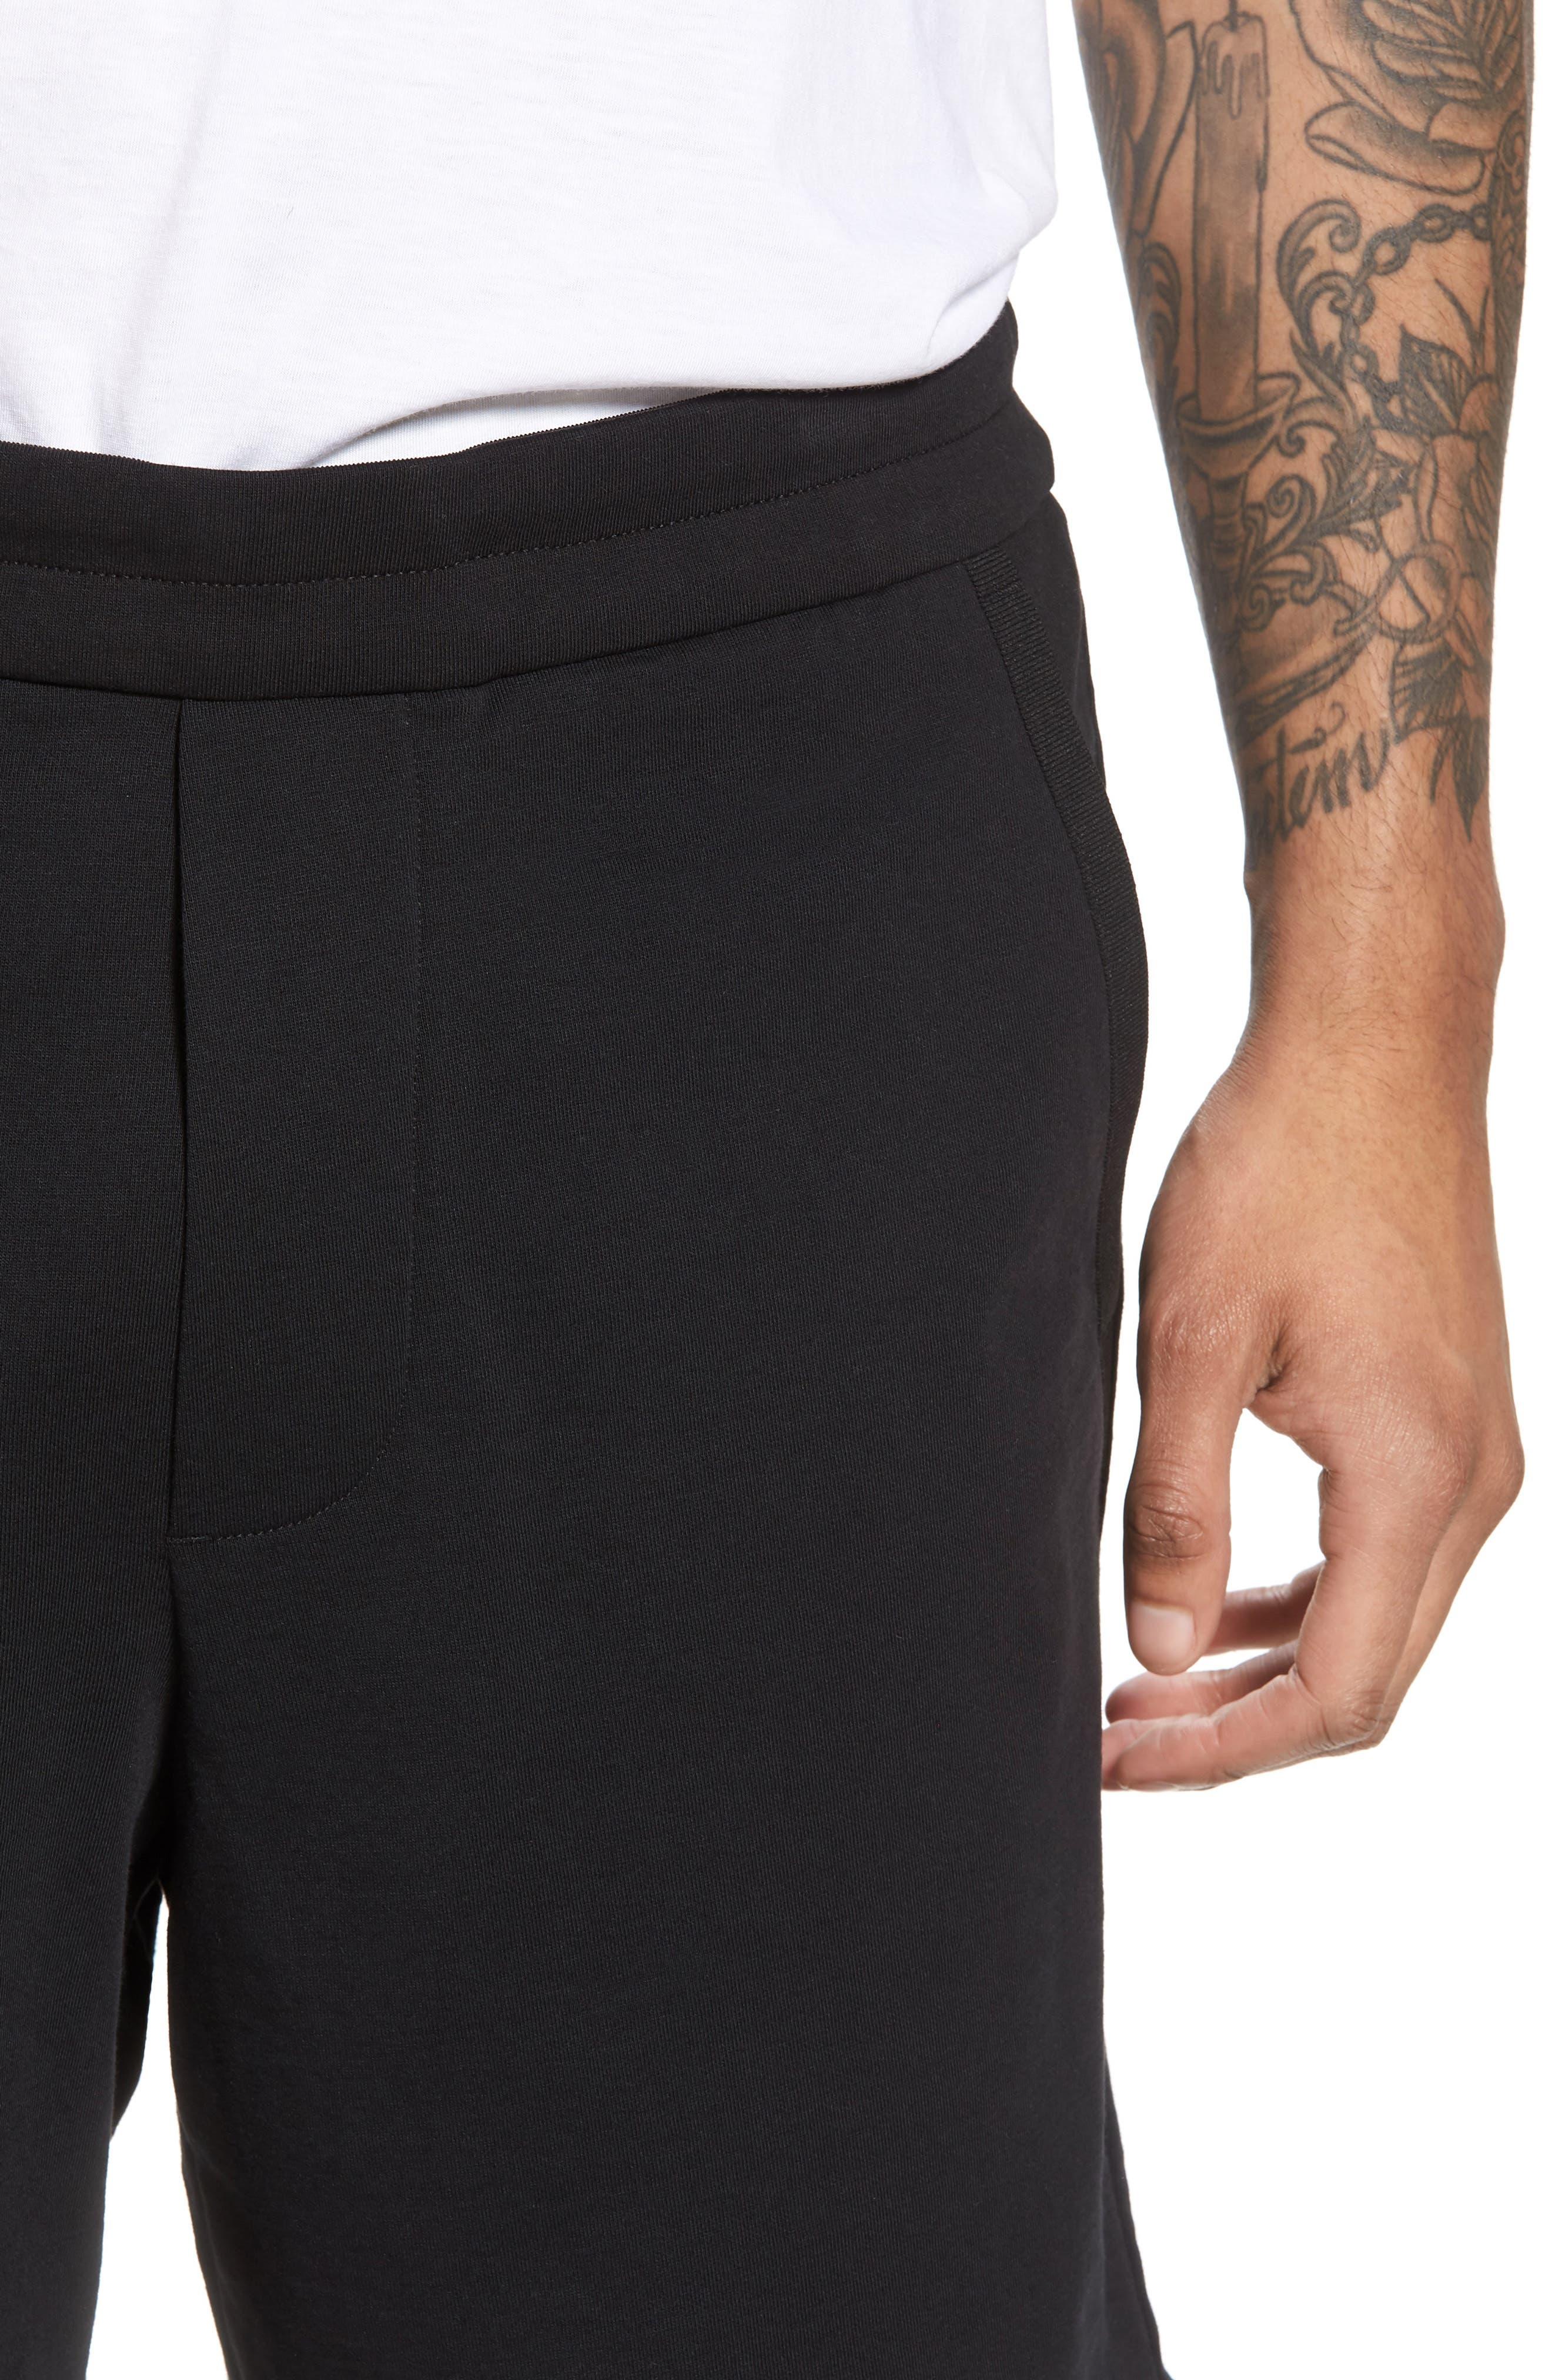 Taped Slim Fit Track Shorts,                             Alternate thumbnail 4, color,                             Black/ Black